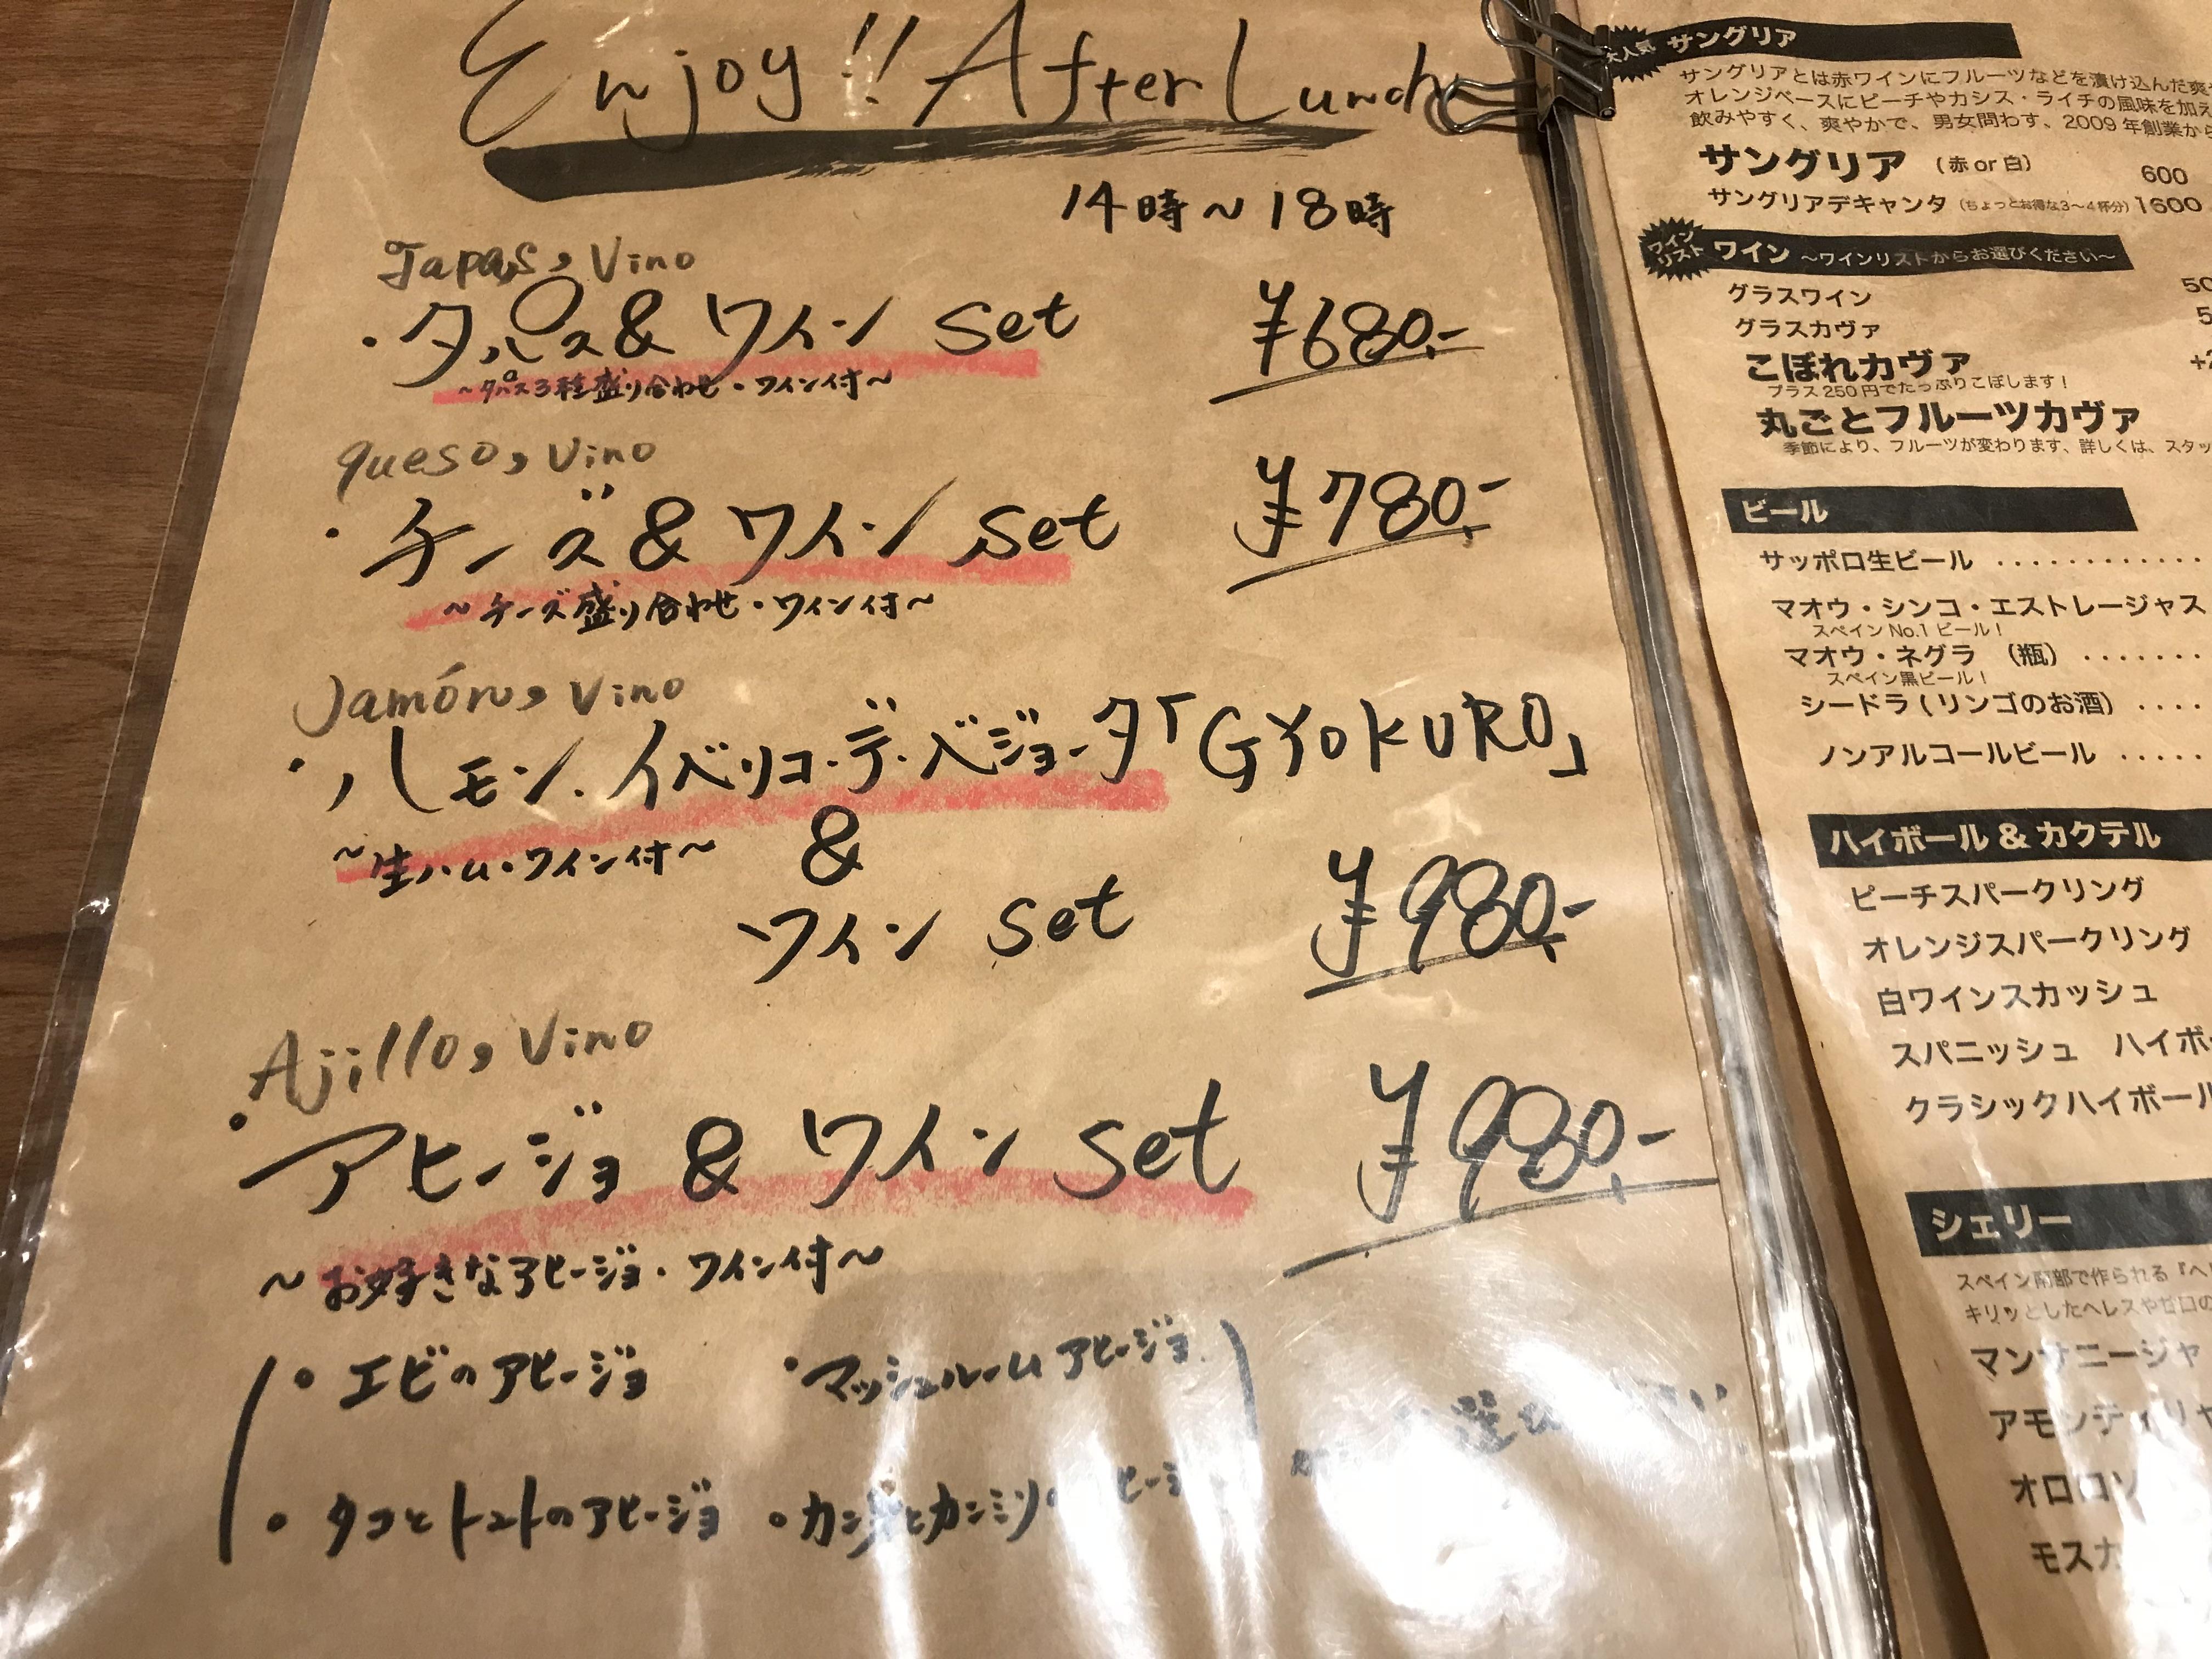 gyokuro-menu1